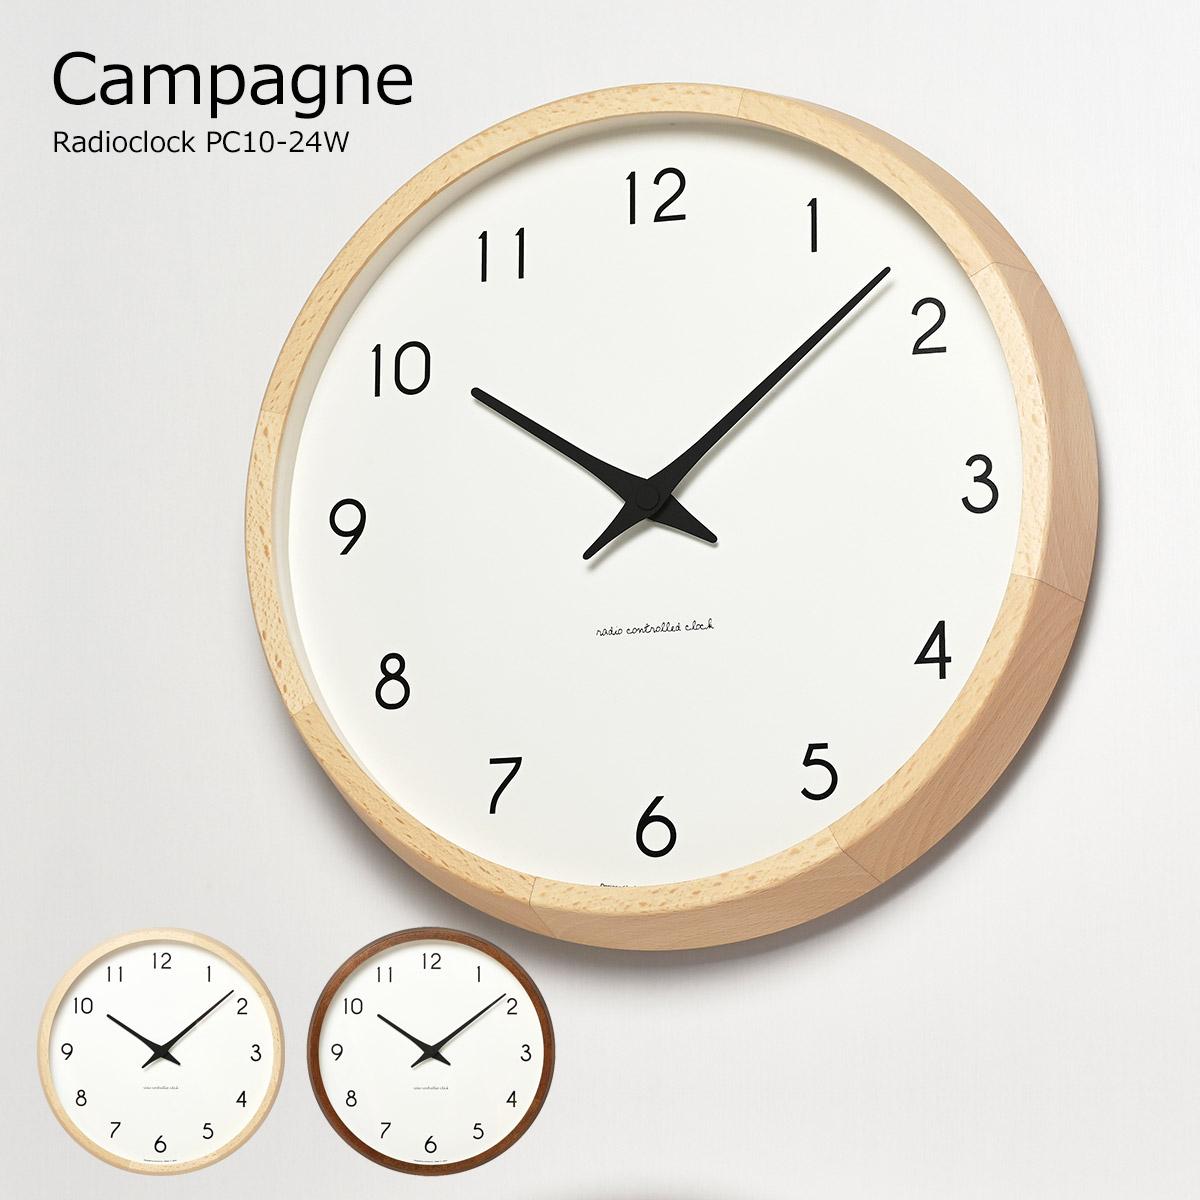 電波時計 掛け時計 ナチュラル 北欧 北欧風 時計 記念日 壁掛け時計 電波 おしゃれ 壁掛け Campagne カンパーニュ レムノス ウォールクロック デザイナーズ PUP01 ファッション通販 オシャレ あす楽 インテリア シンプル PC10-24W 木製 見やすい 着後レビューでクーポン